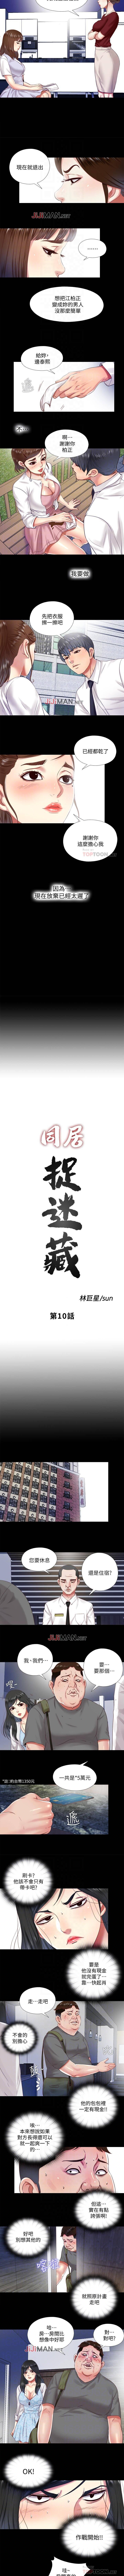 【已完结】同居捉迷藏(作者:林巨星) 第1~30话 40